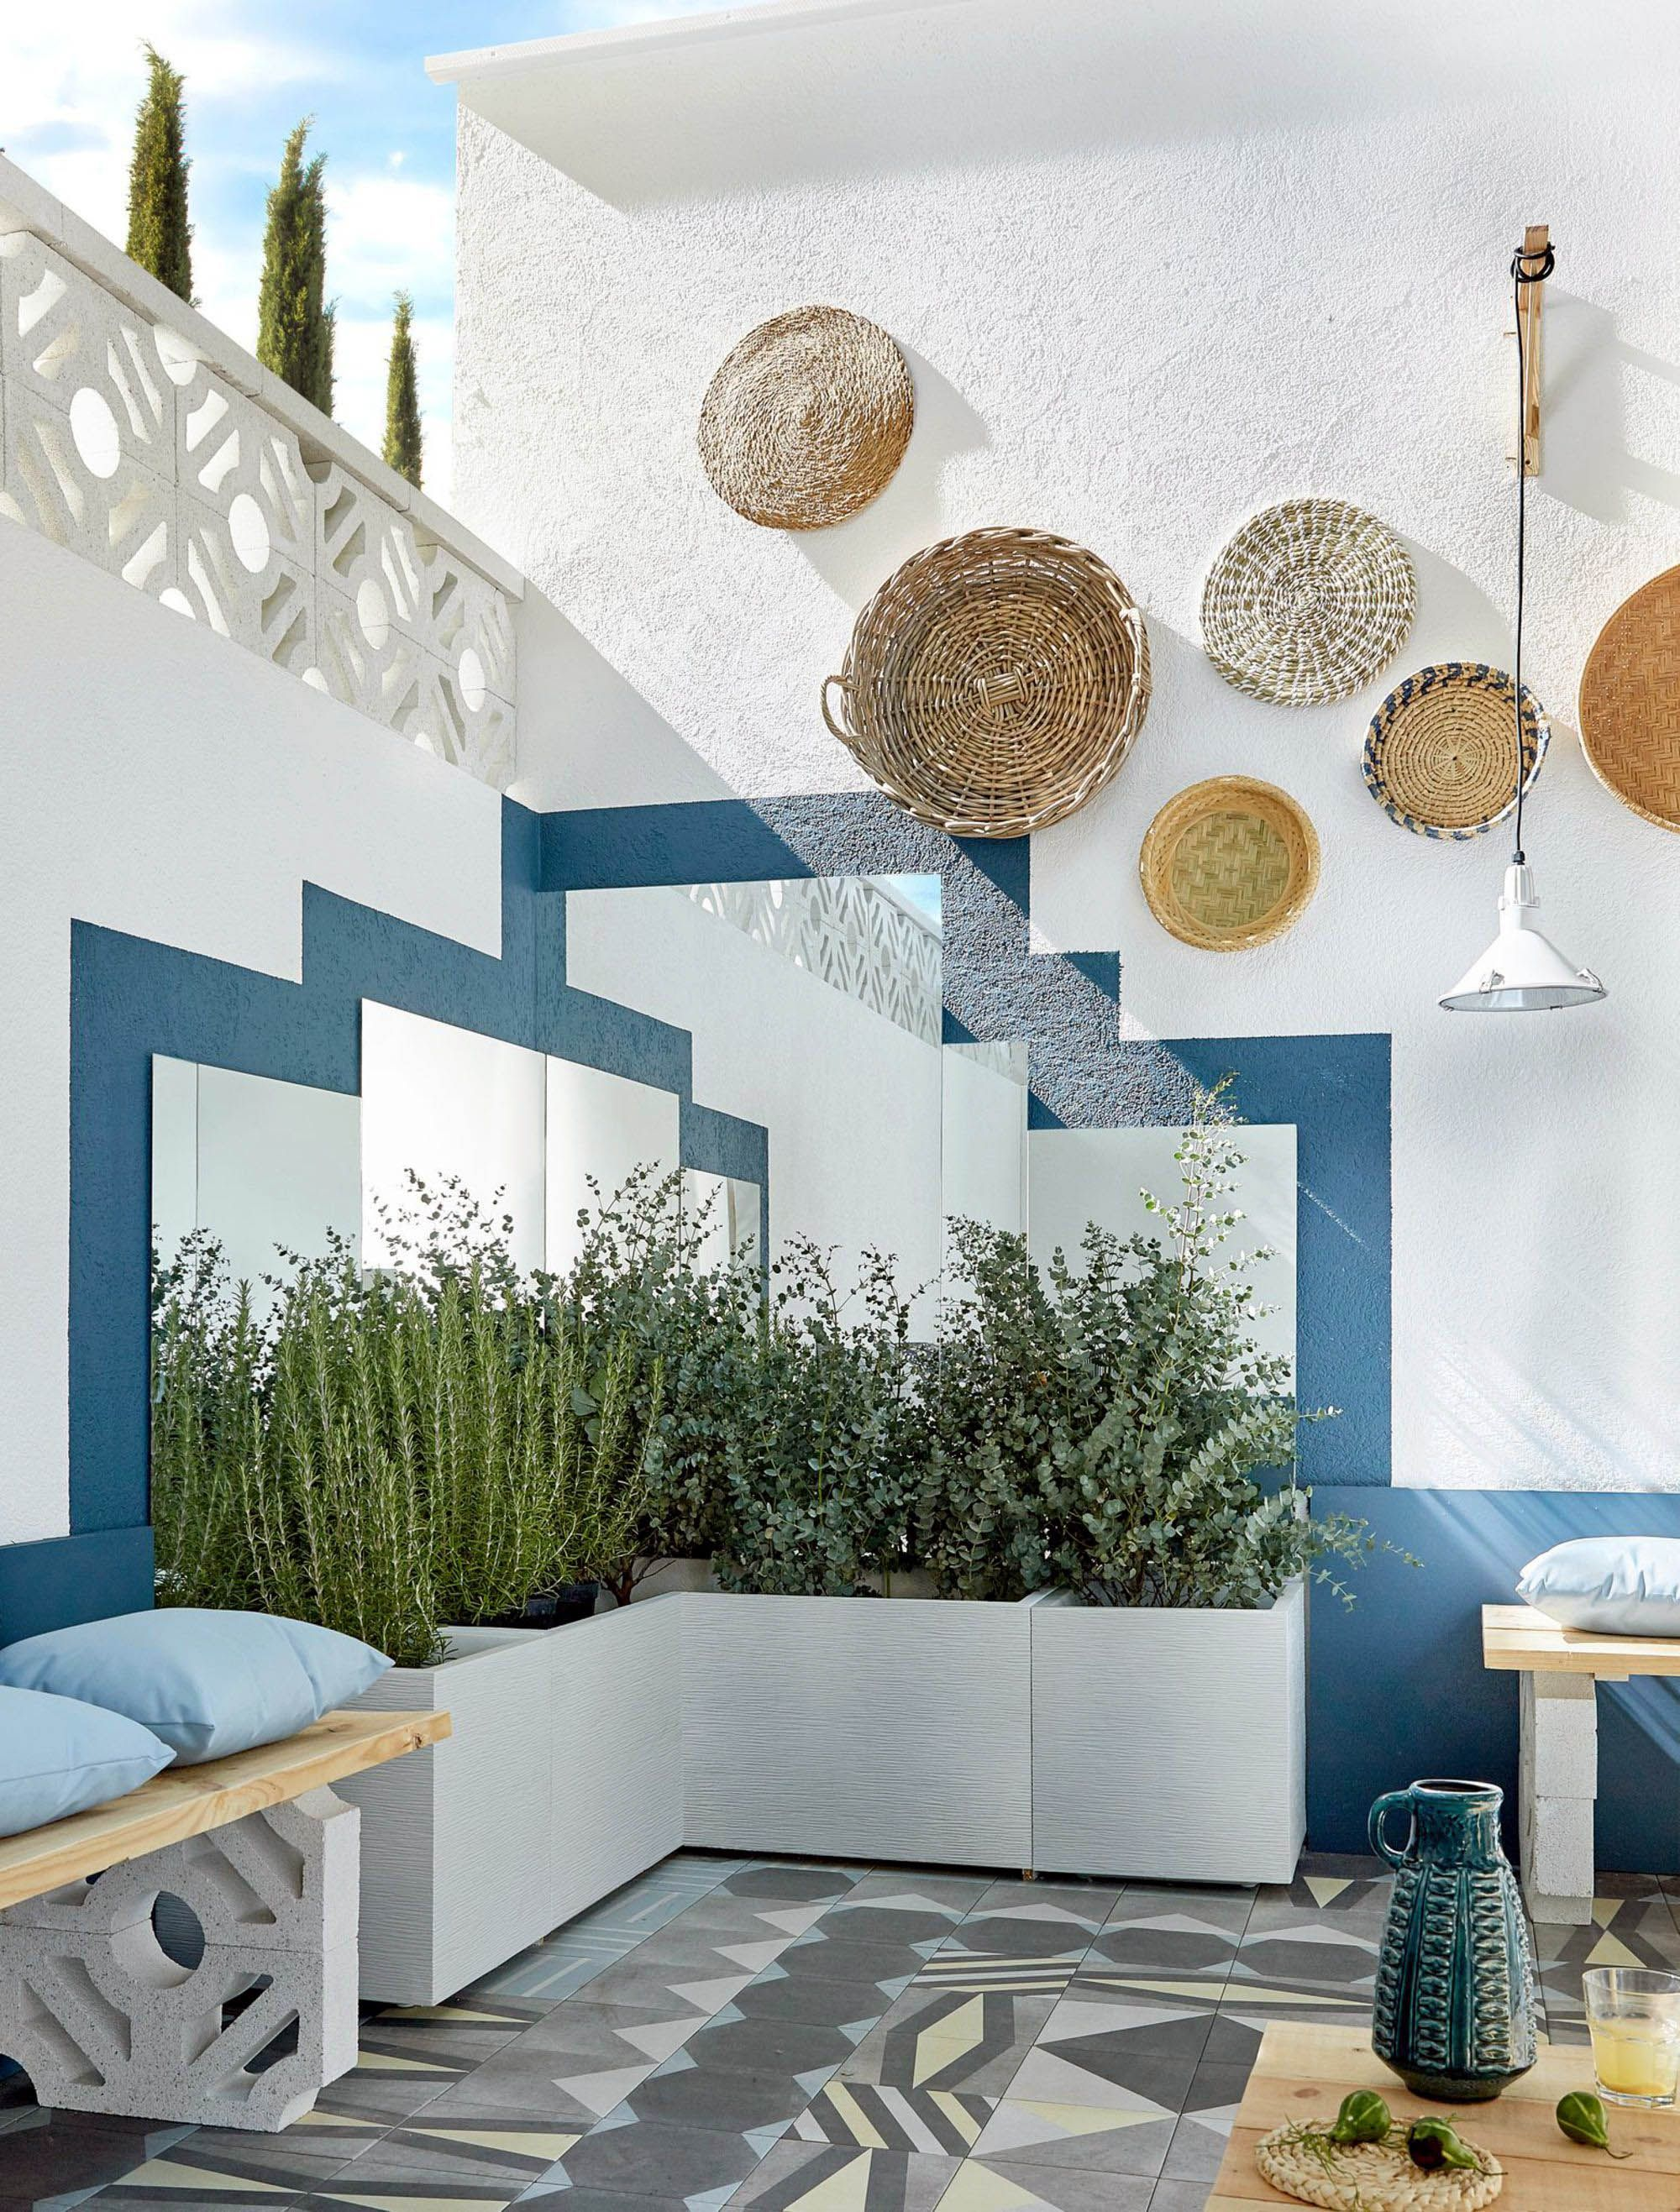 Crazy Balcony Canopy Ideas Only In Homesable Design Decoracion De Patio Diseno De Balcon Diseno De Patio